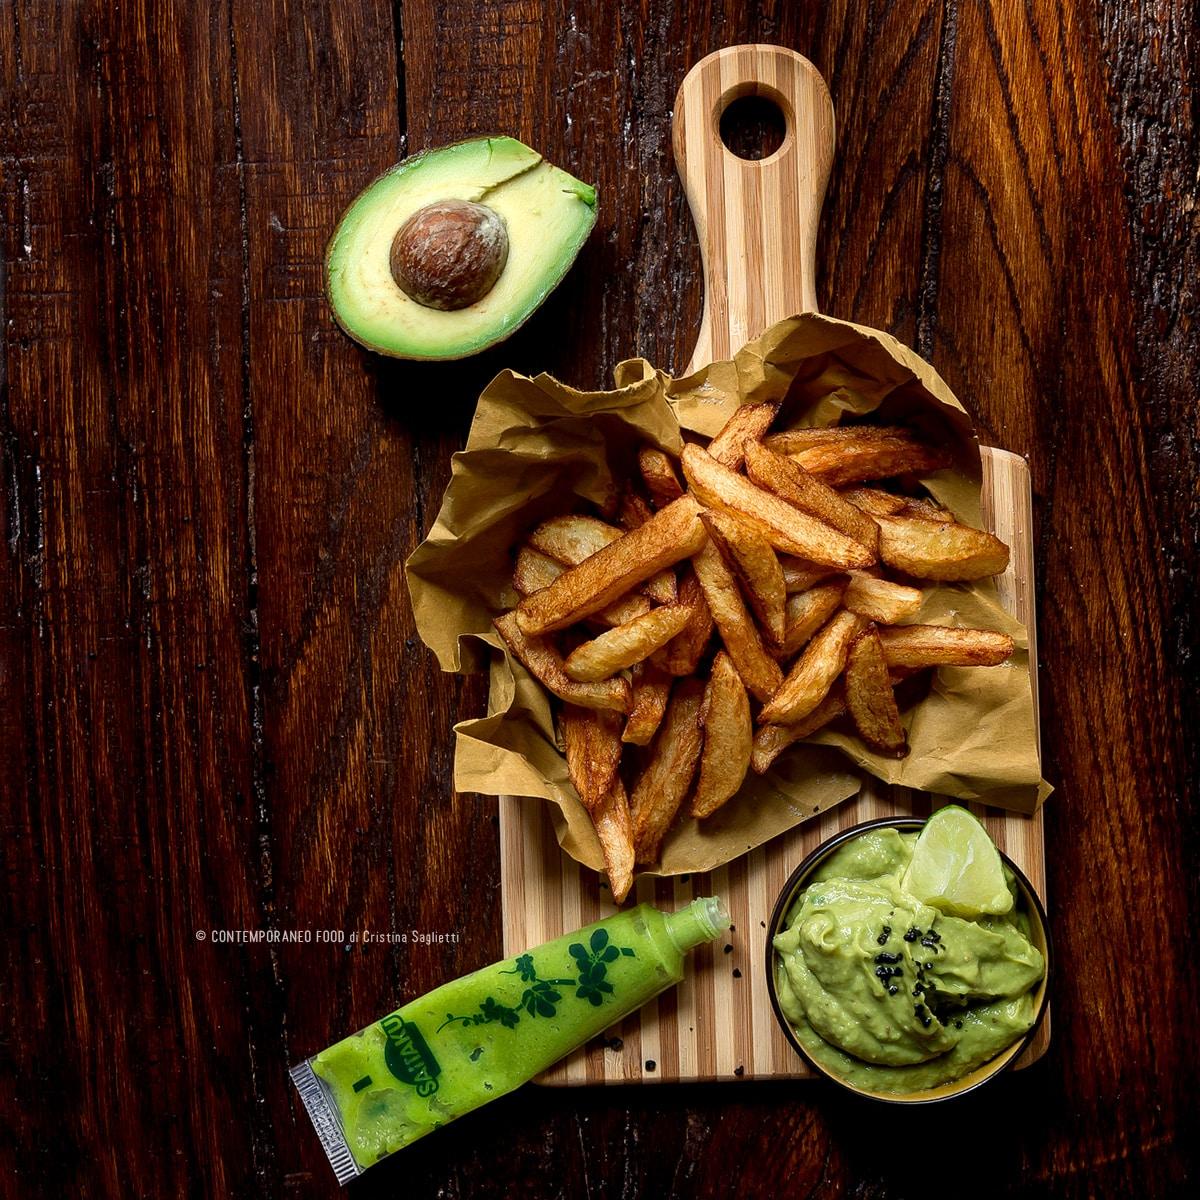 patatine-fritte-con-dip-di-avocado-e-wasabi-ricetta-facile-vegetariana-ricetta-contemporaneofood